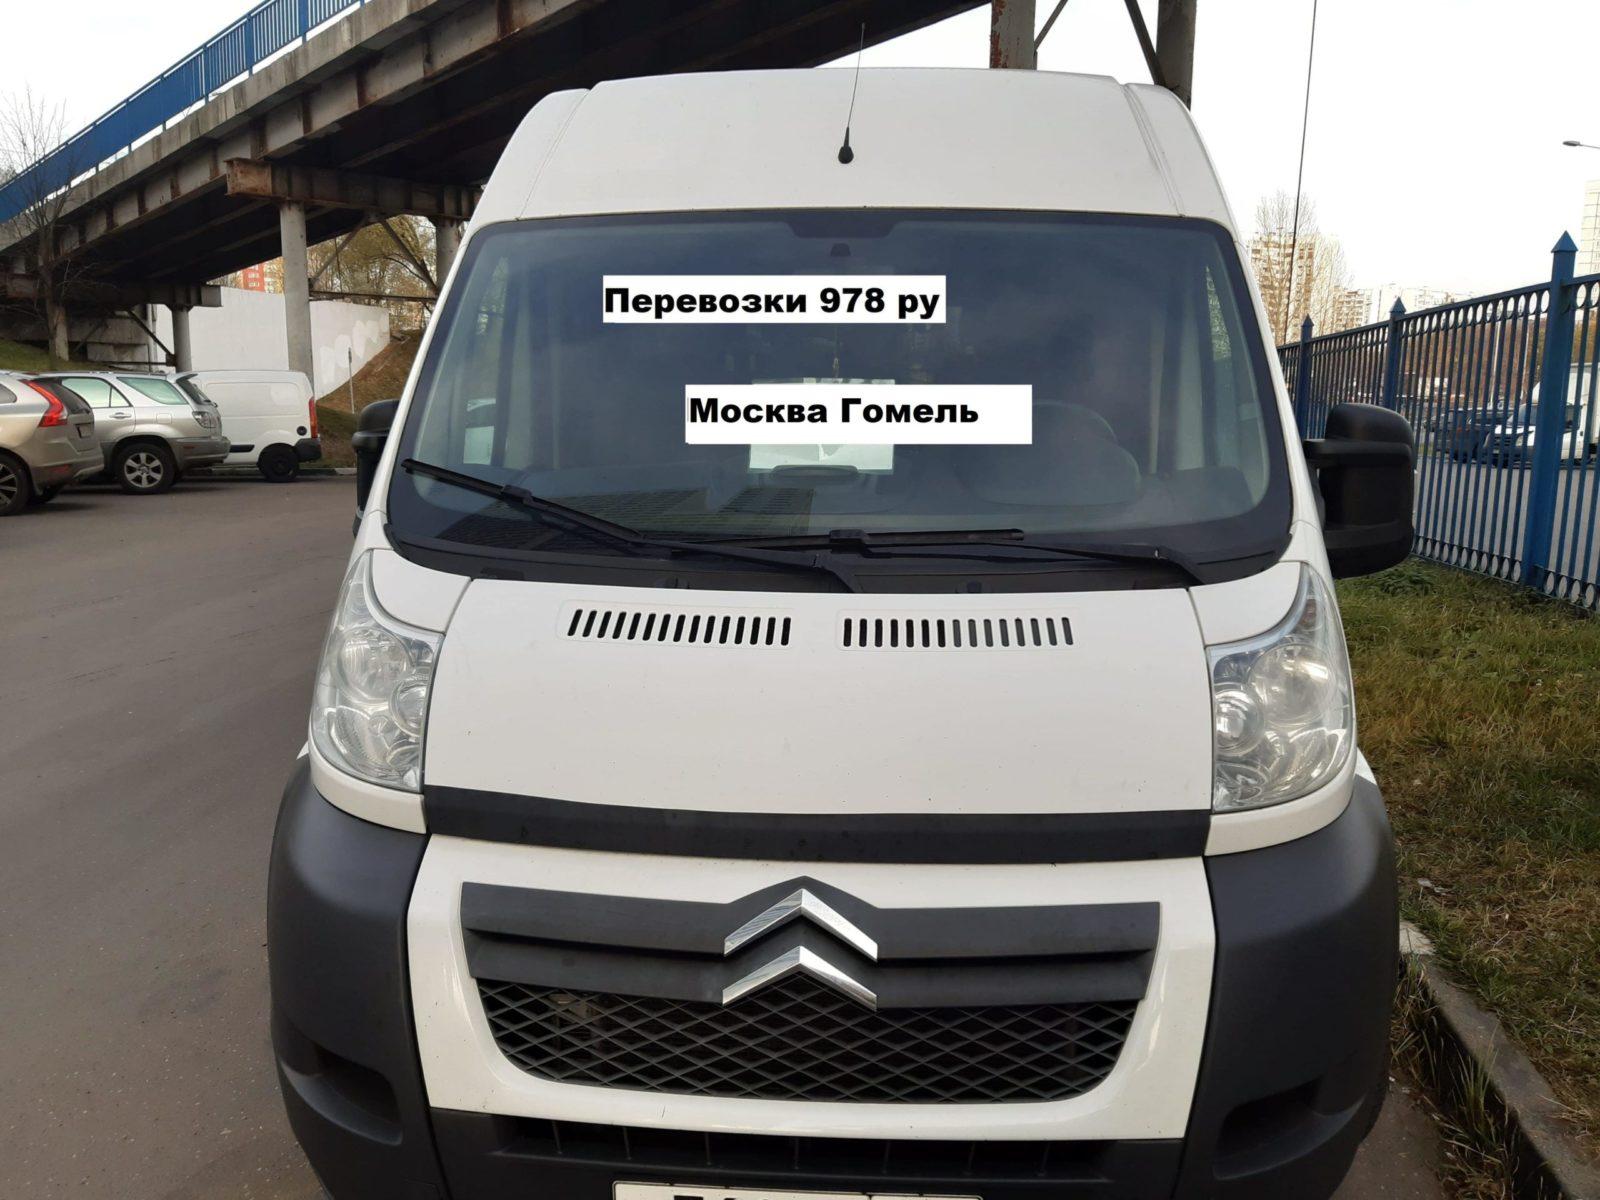 Перевозка грузопассажирская Москва → Гомель | «Перевозки 978»